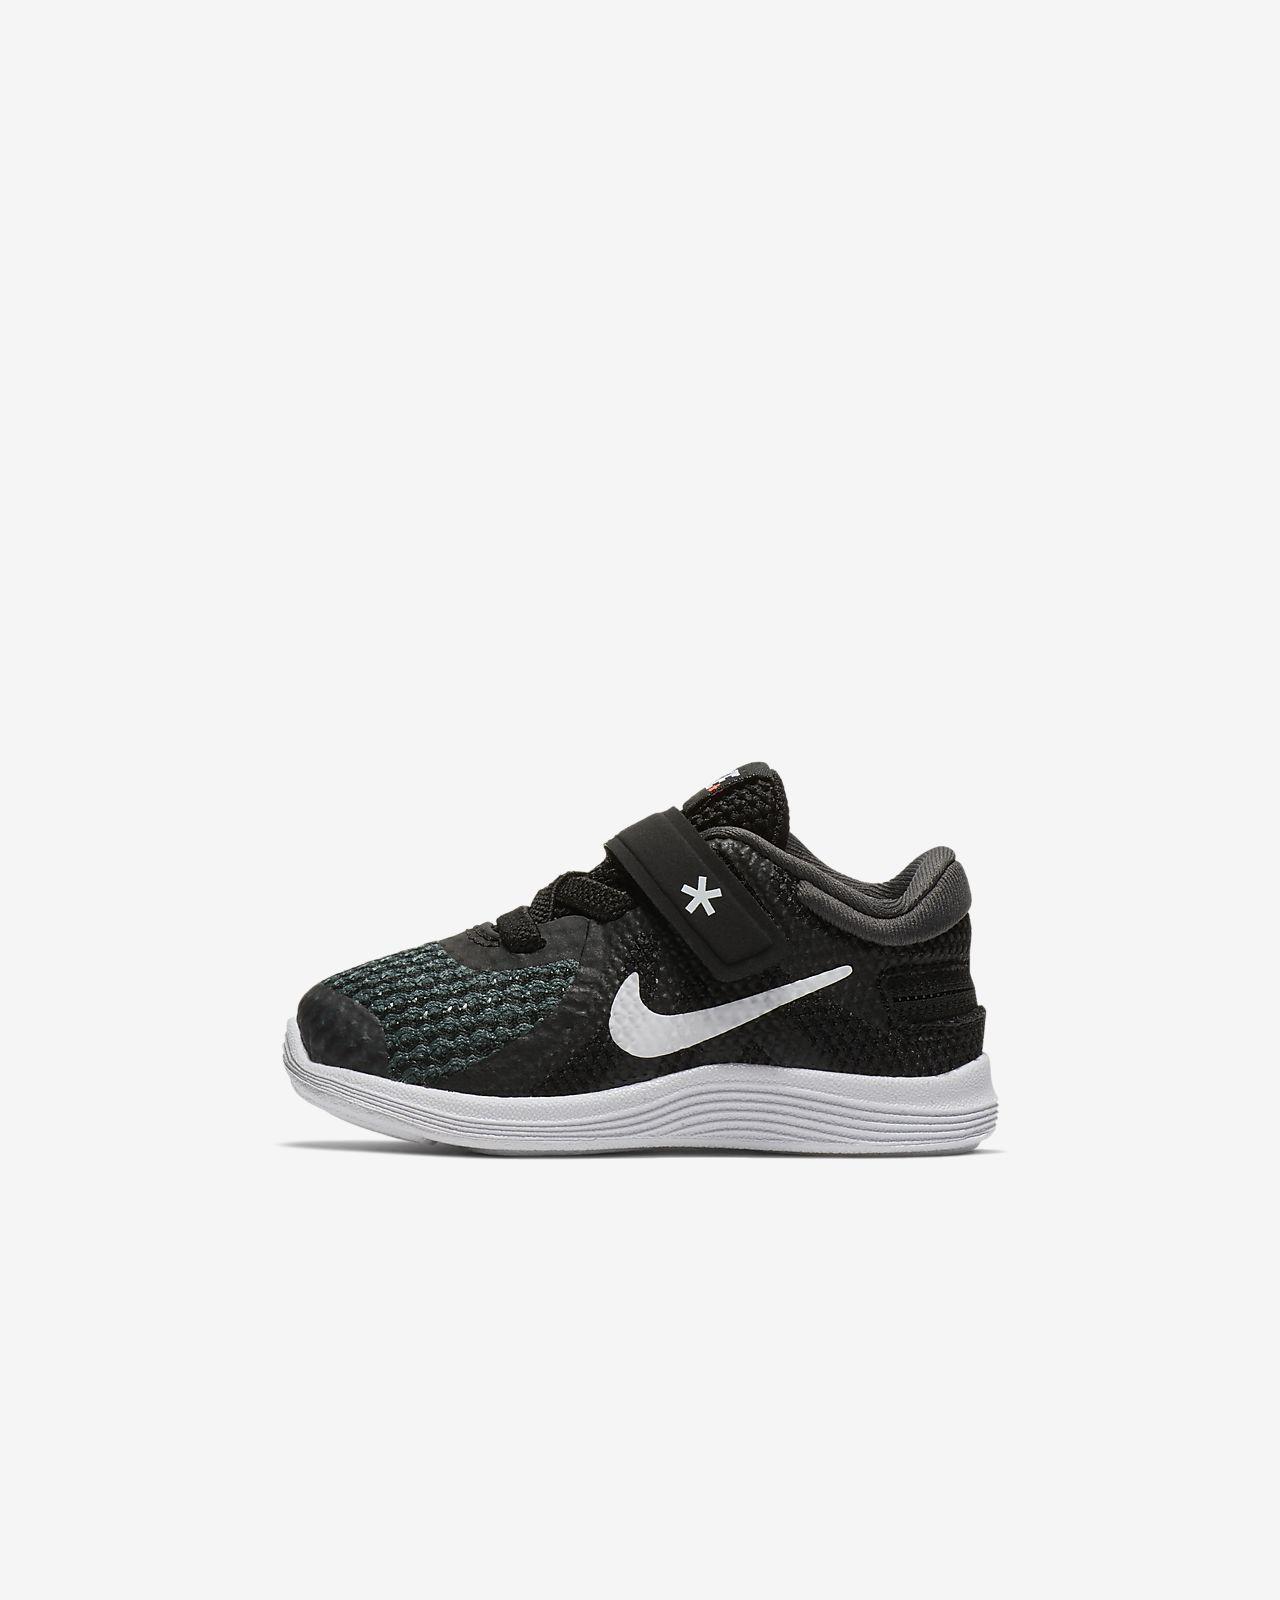 Παπούτσι Nike Revolution 4 FlyEase για βρέφη και νήπια